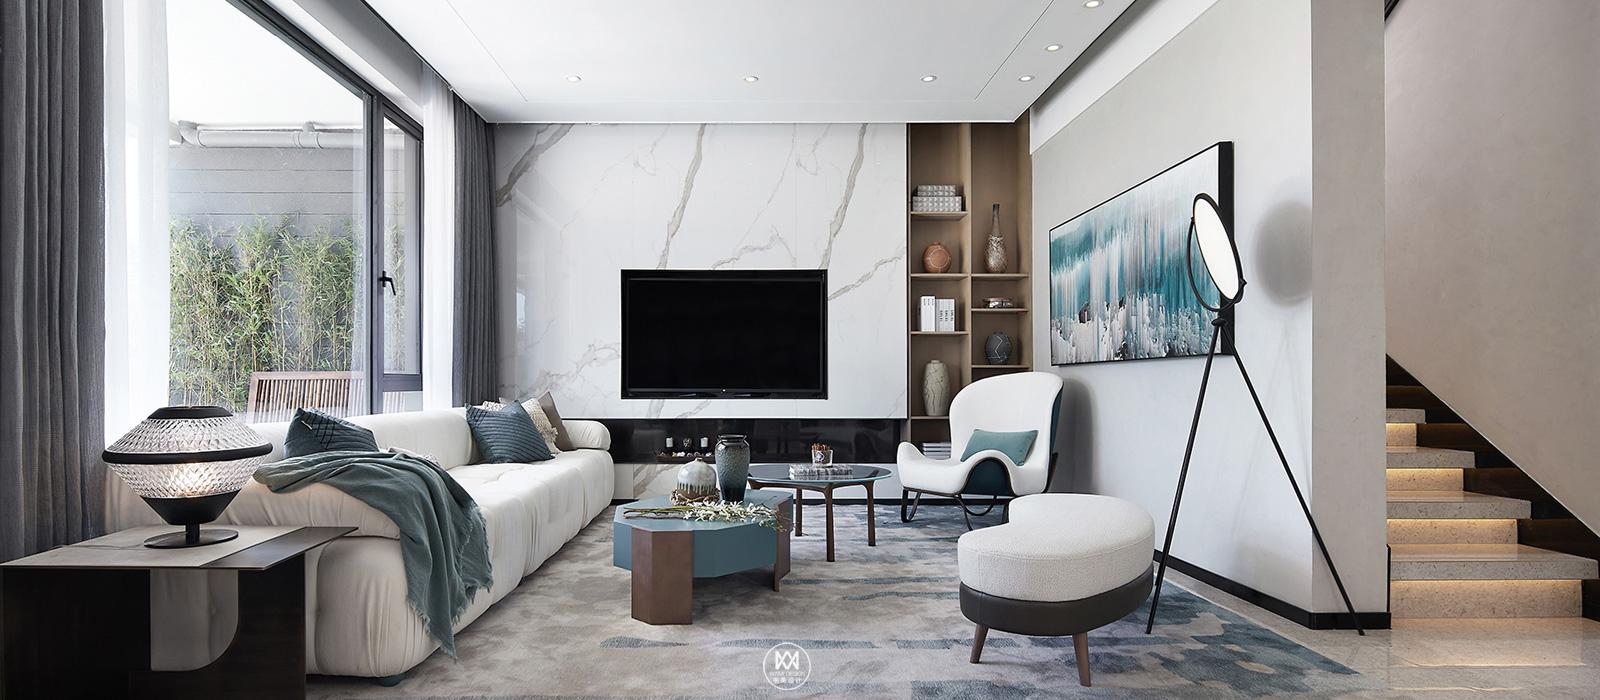 别墅软装设计的风格有哪些?